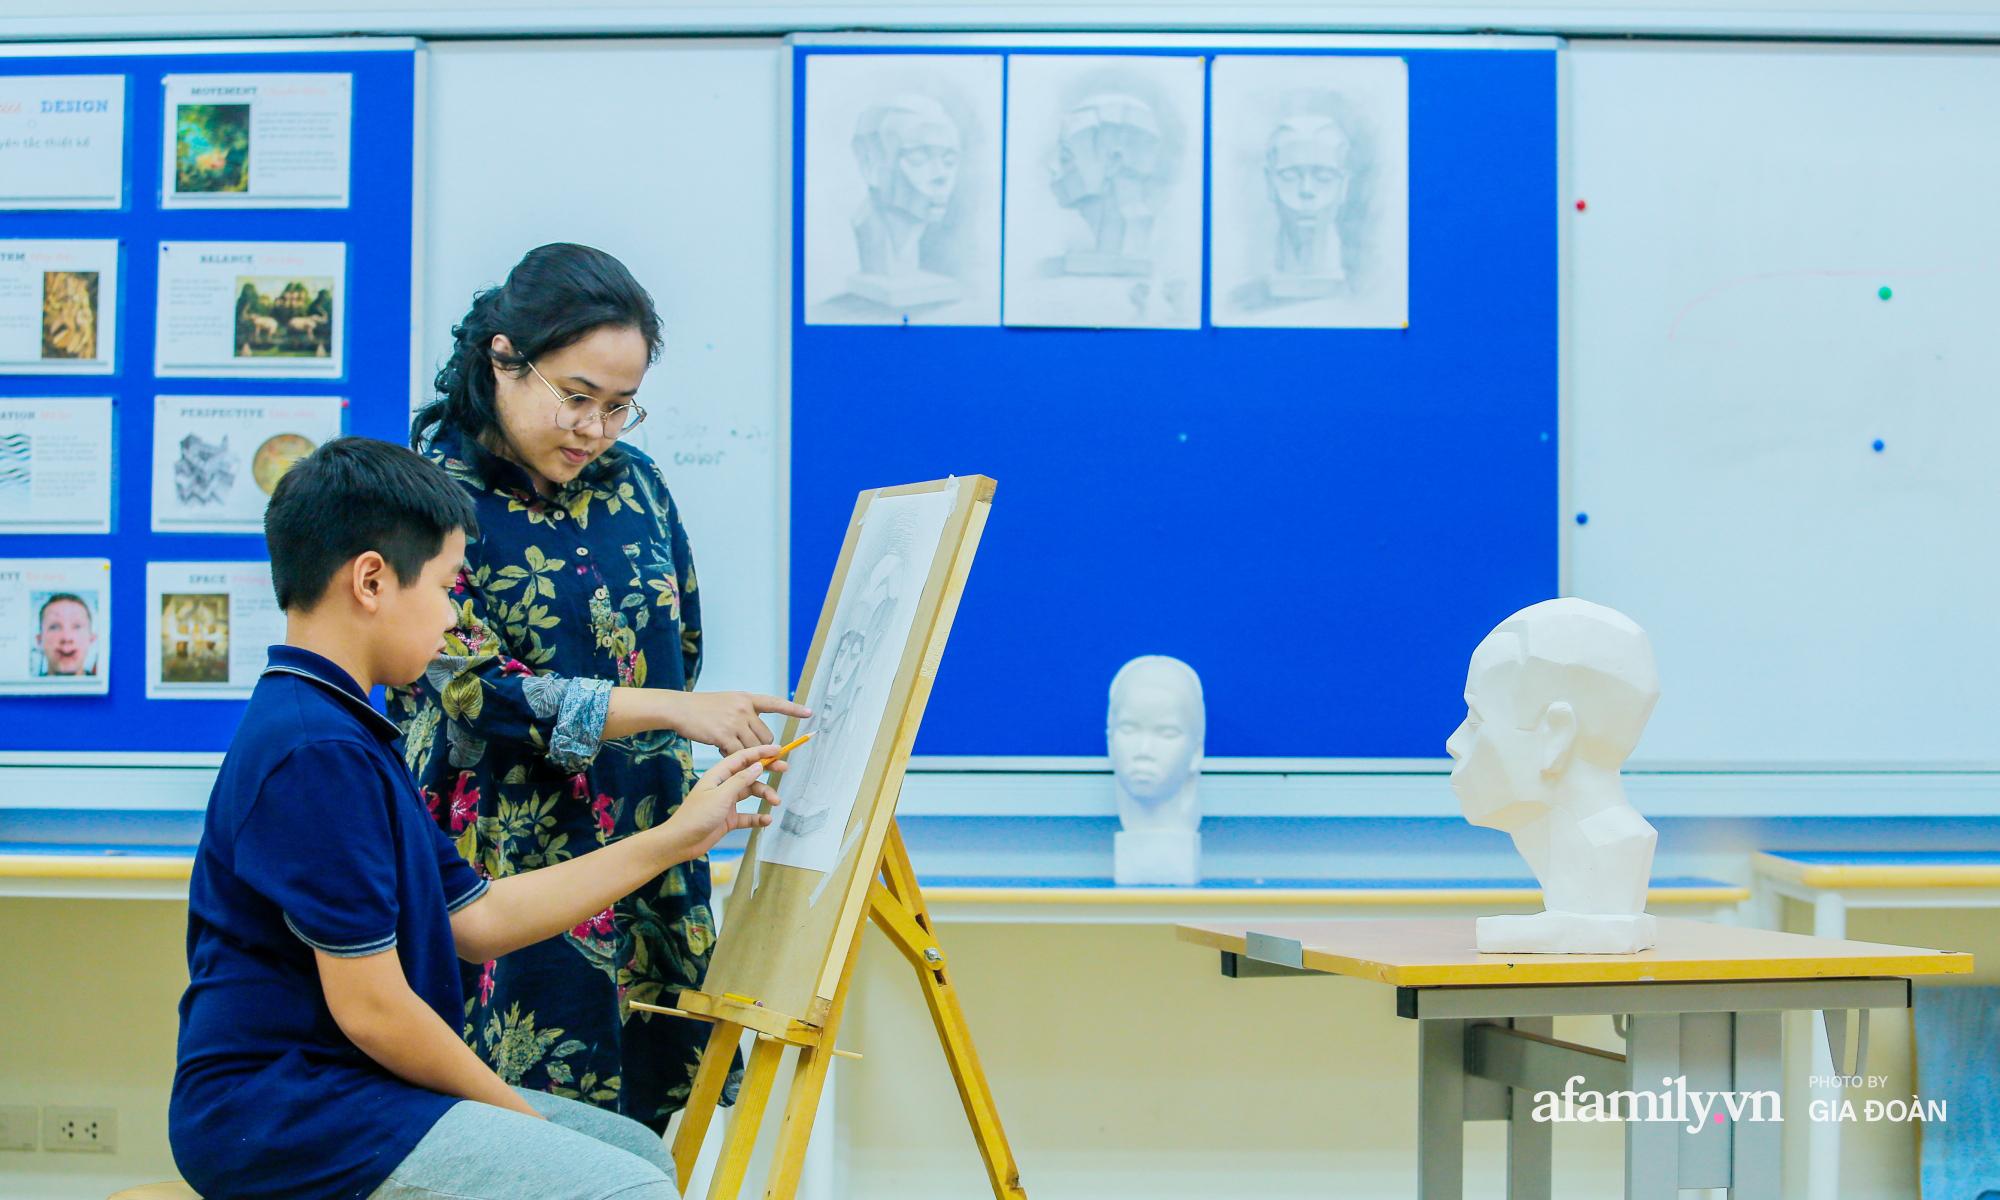 """""""Đột nhập"""" trường nội trú chuẩn quốc tế ở Hà Nội: Học phí nửa tỷ đồng/năm, con đi học một thời gian mà thay đổi 180 độ - Ảnh 8."""